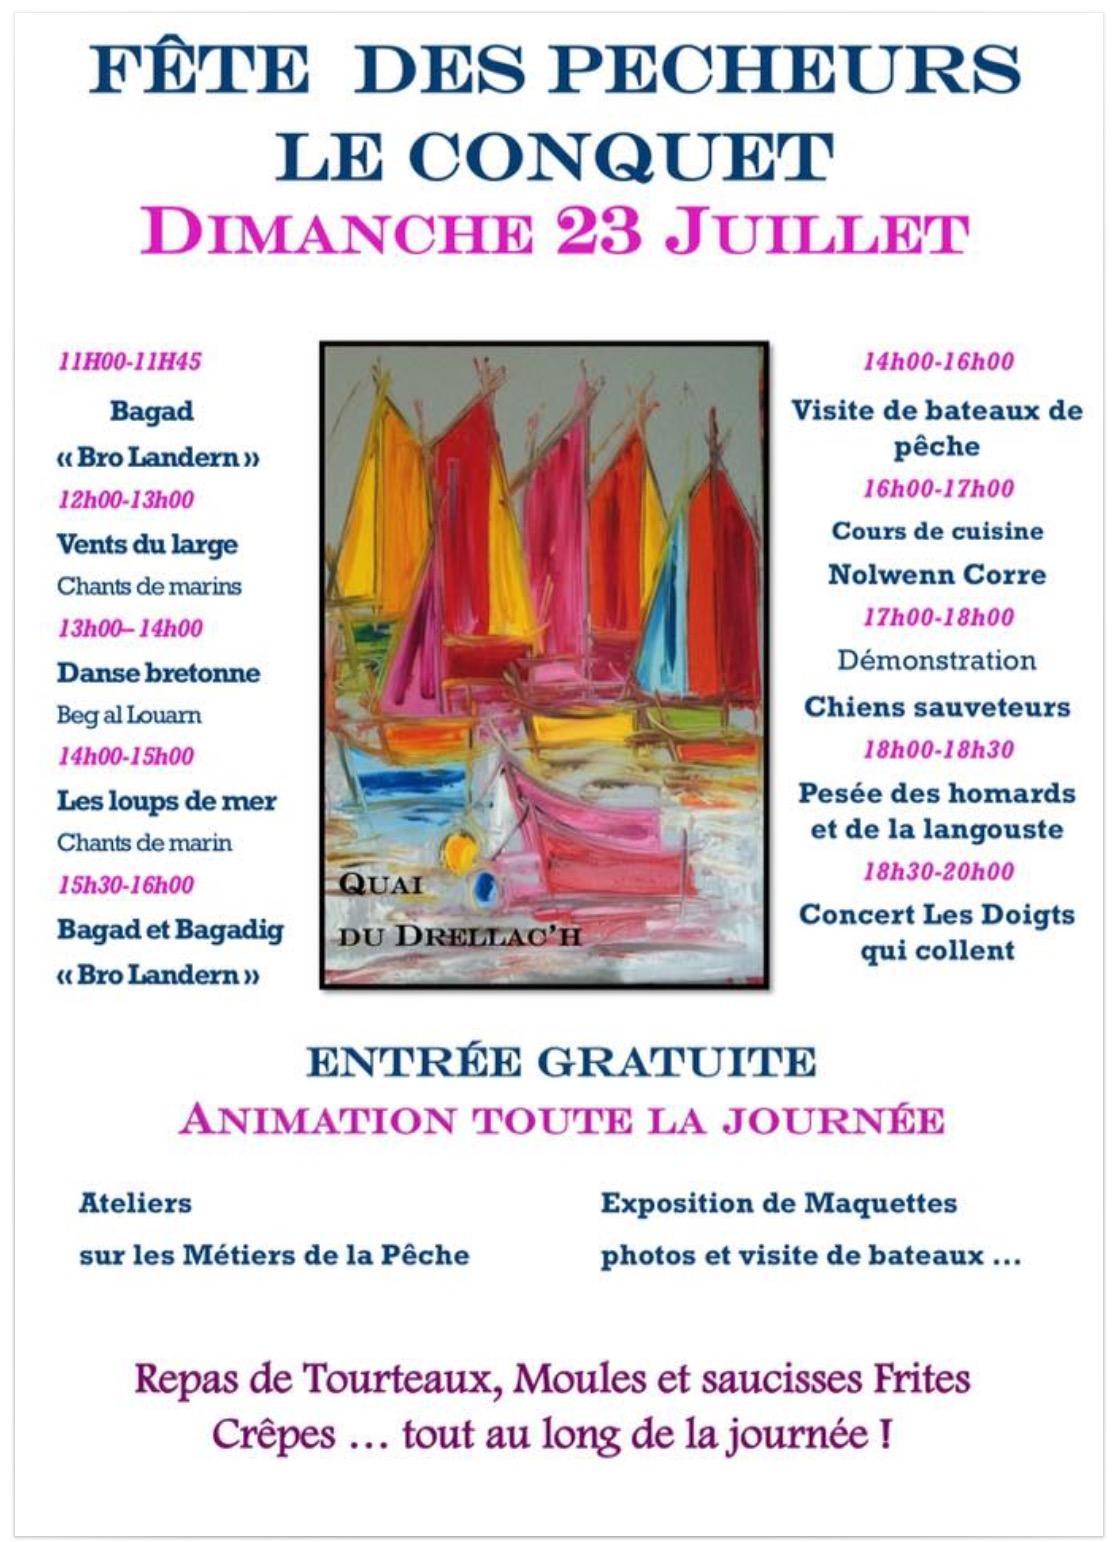 Affiche Le Conquet 23.07.17